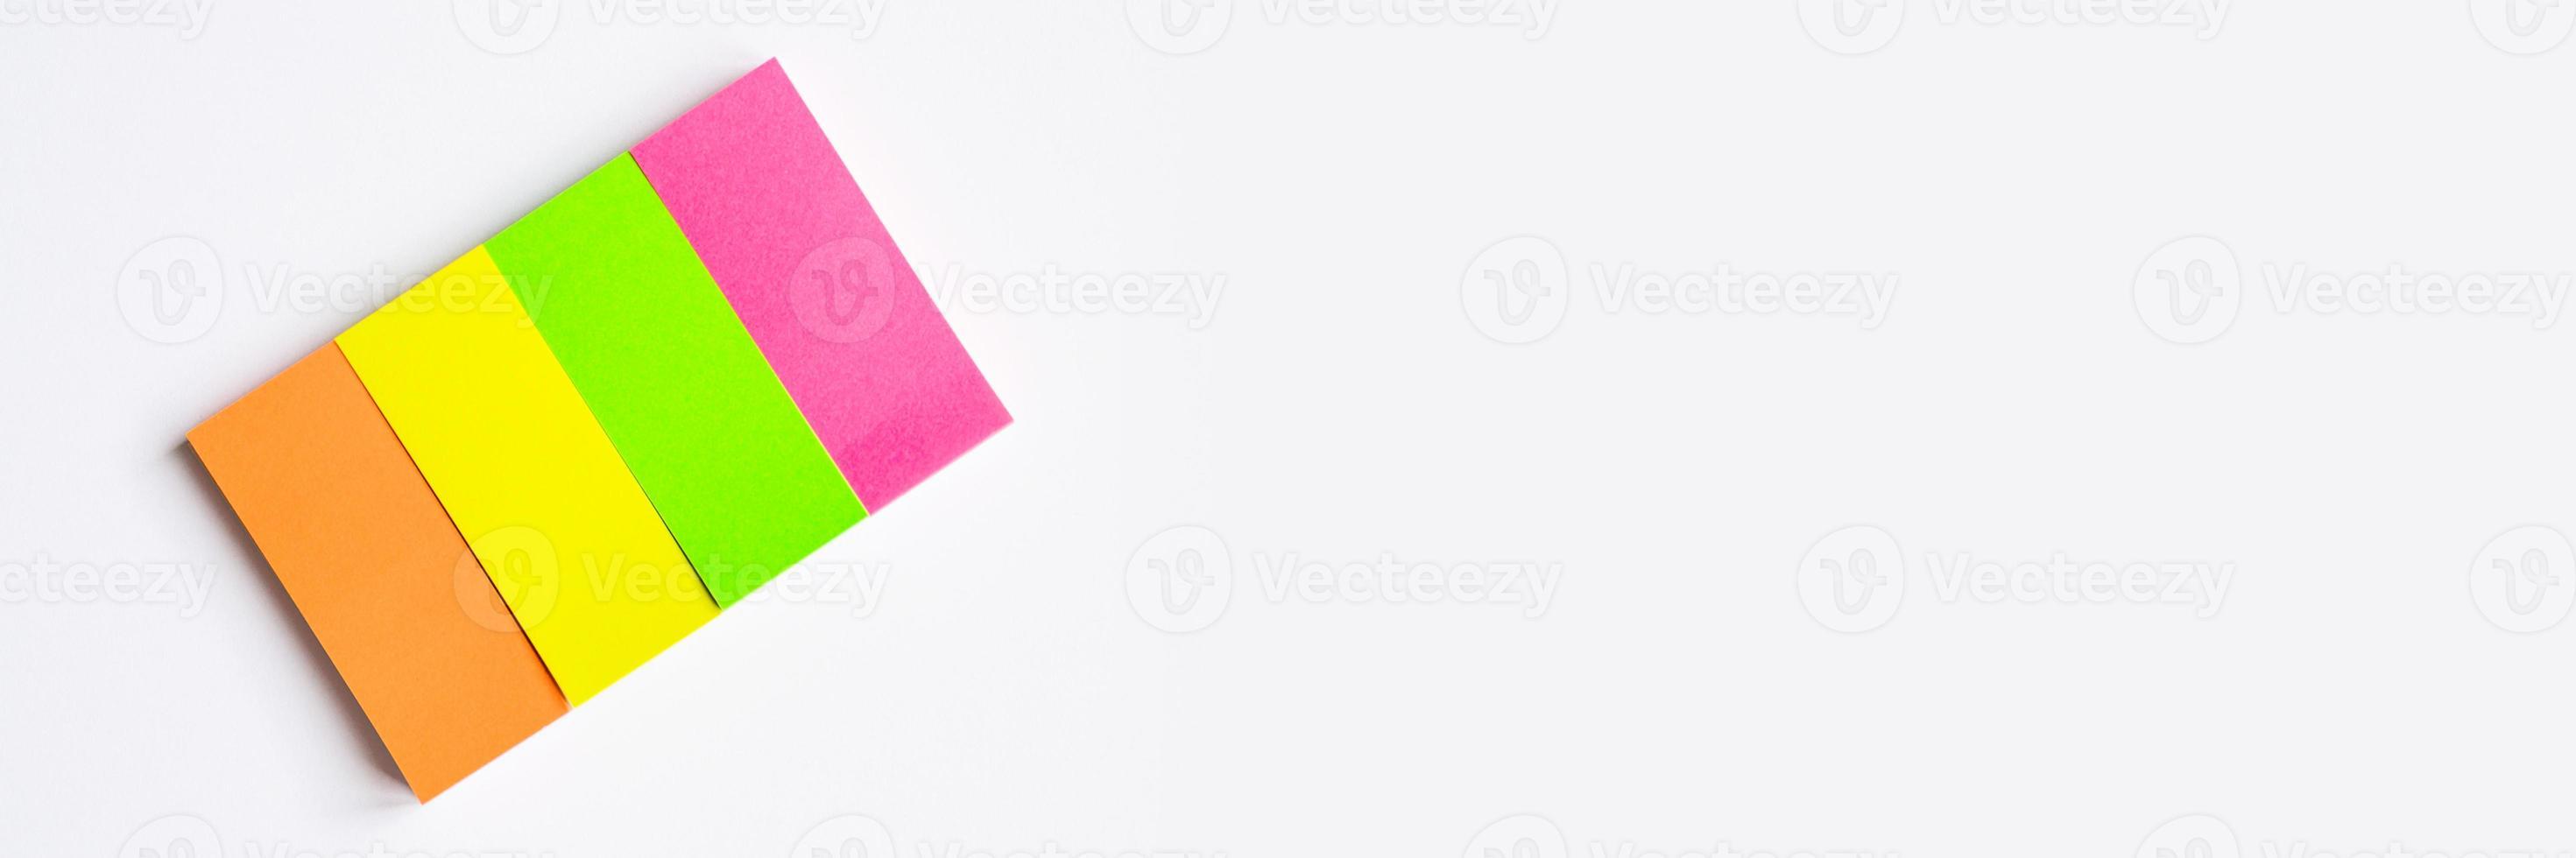 note stazionarie multicolori su sfondo bianco foto